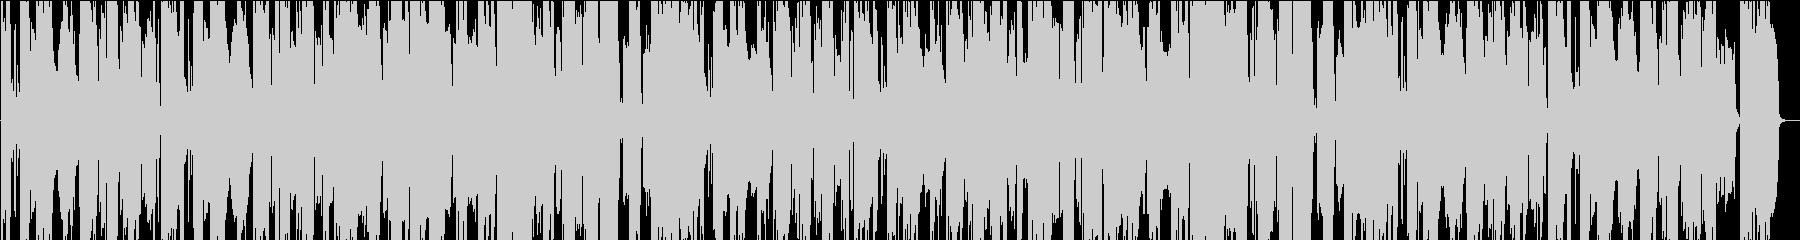 サックス、バラードの未再生の波形